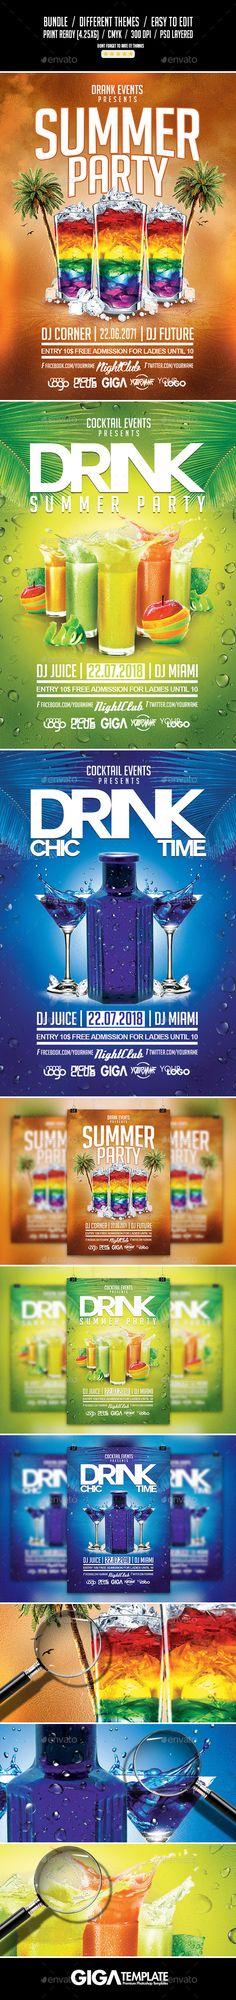 Drink Summer Bundle | 3 Flyer Template #design #flyertemplste Download: http://graphicriver.net/item/drink-summer-bundle-3-flyer-templates/12521801?ref=ksioks